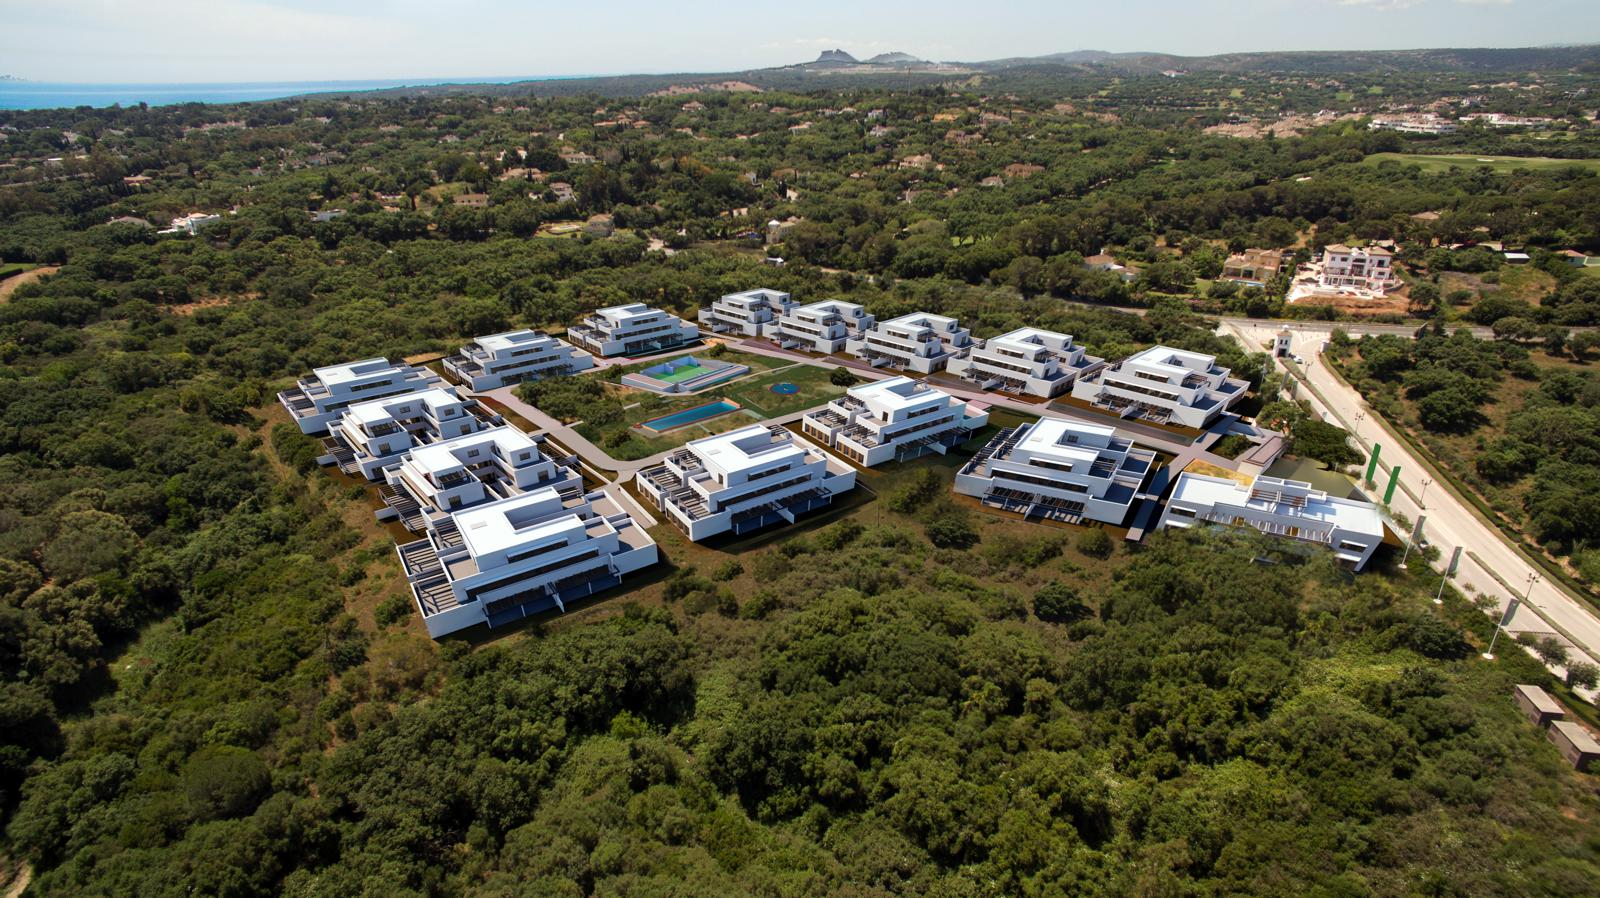 Nieuwbouw in Sotogrande (Spanje, Costa del Sol)